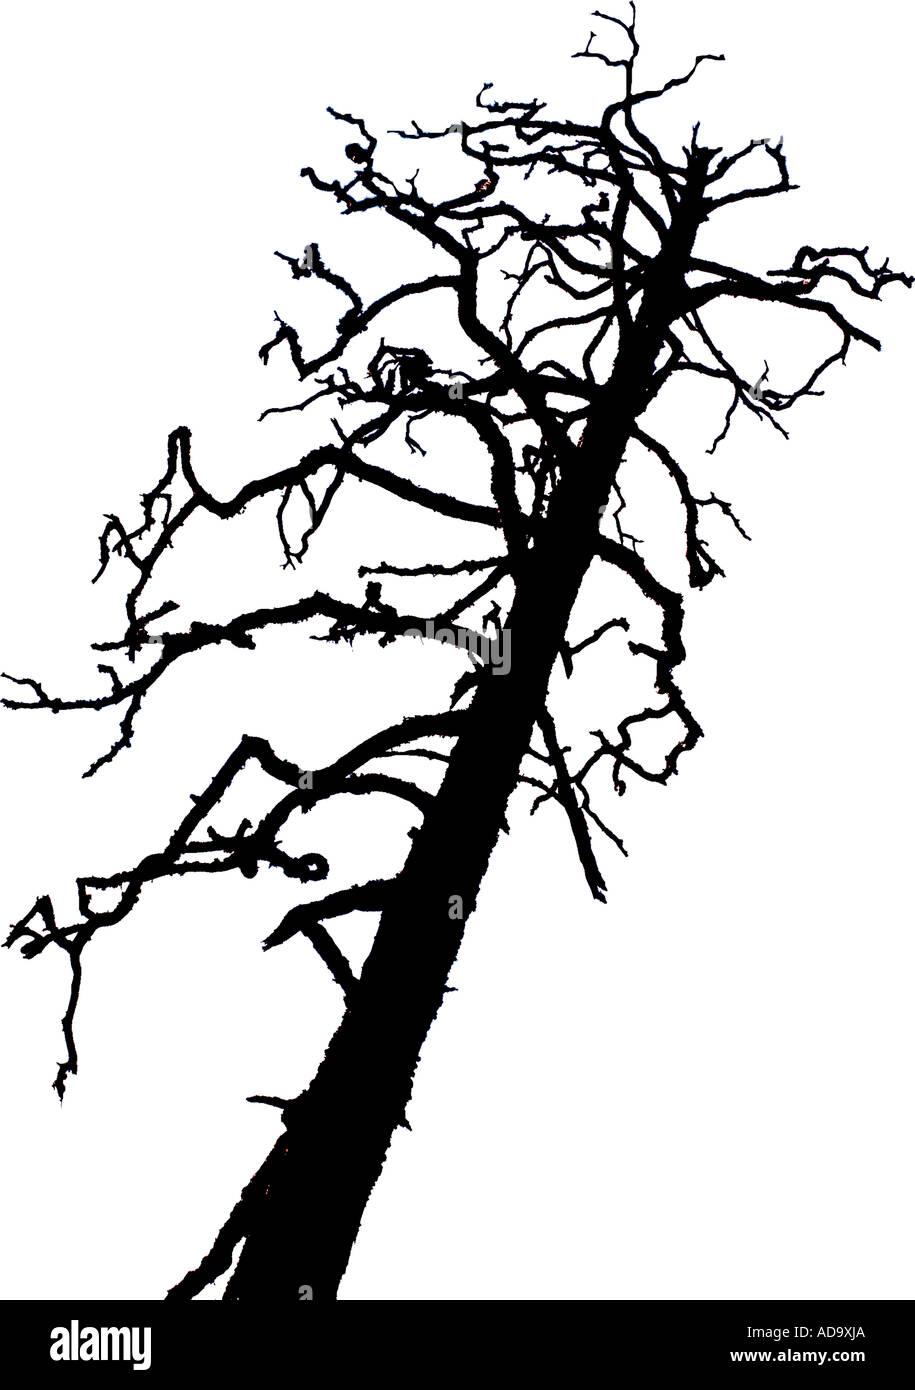 Schwarz / weiß Silhouette von einem Toten stehende Bäume Stockbild